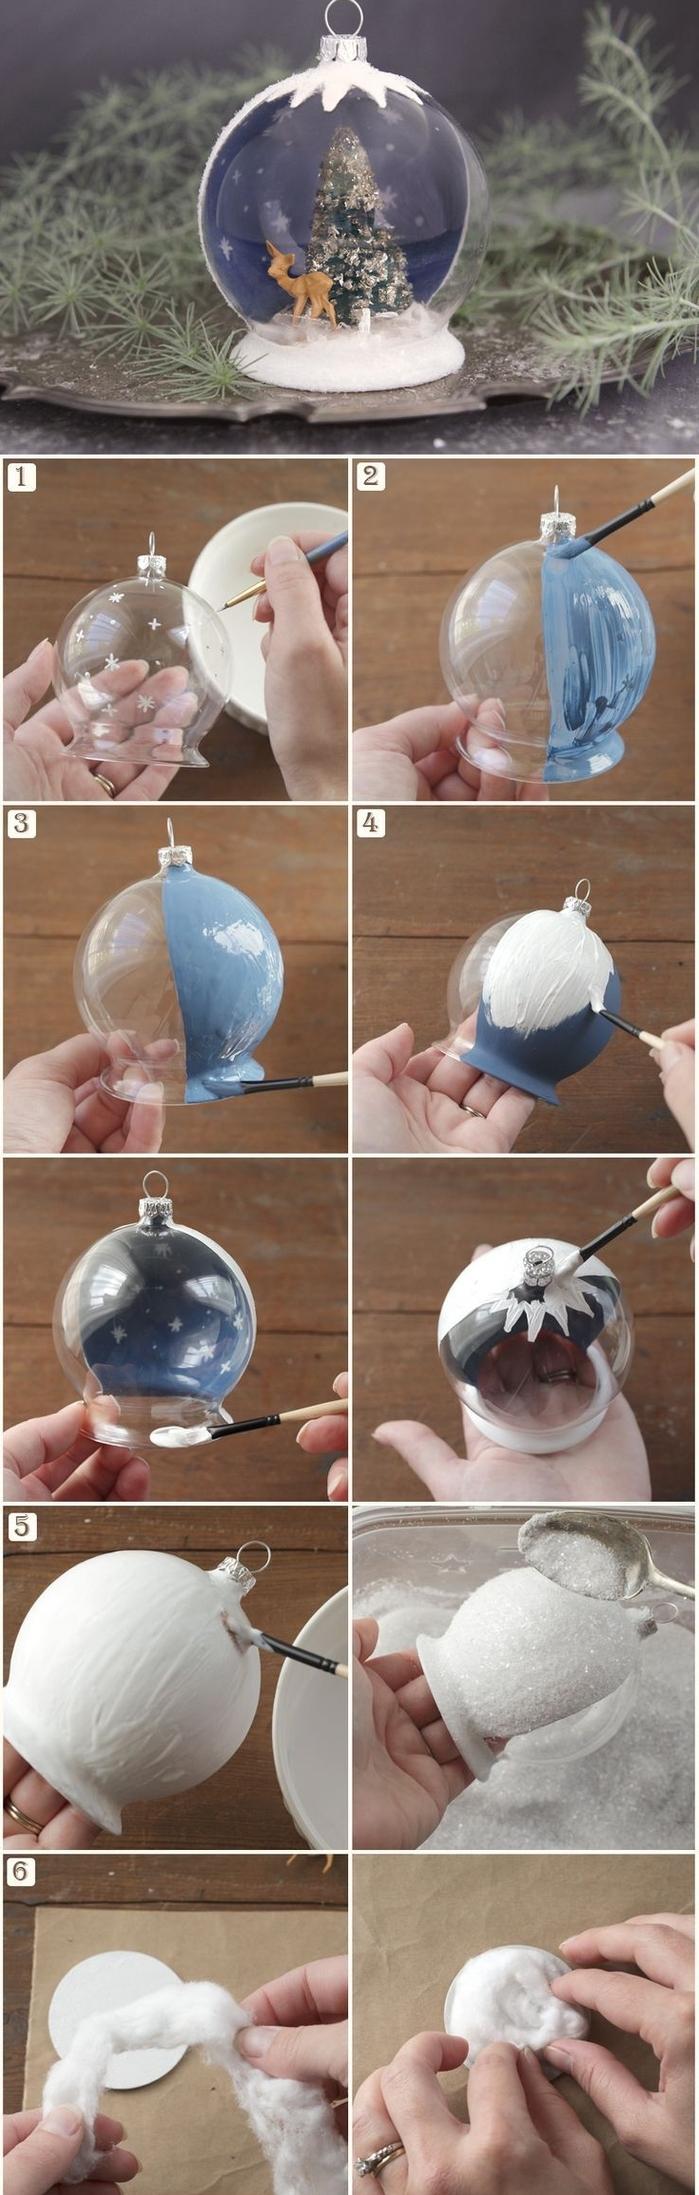 idée pour une decoration de noel fait main qui représente une boule de neige semi-transparente à peinture effet neige, avec des figurines de noël à l intérieur du globe